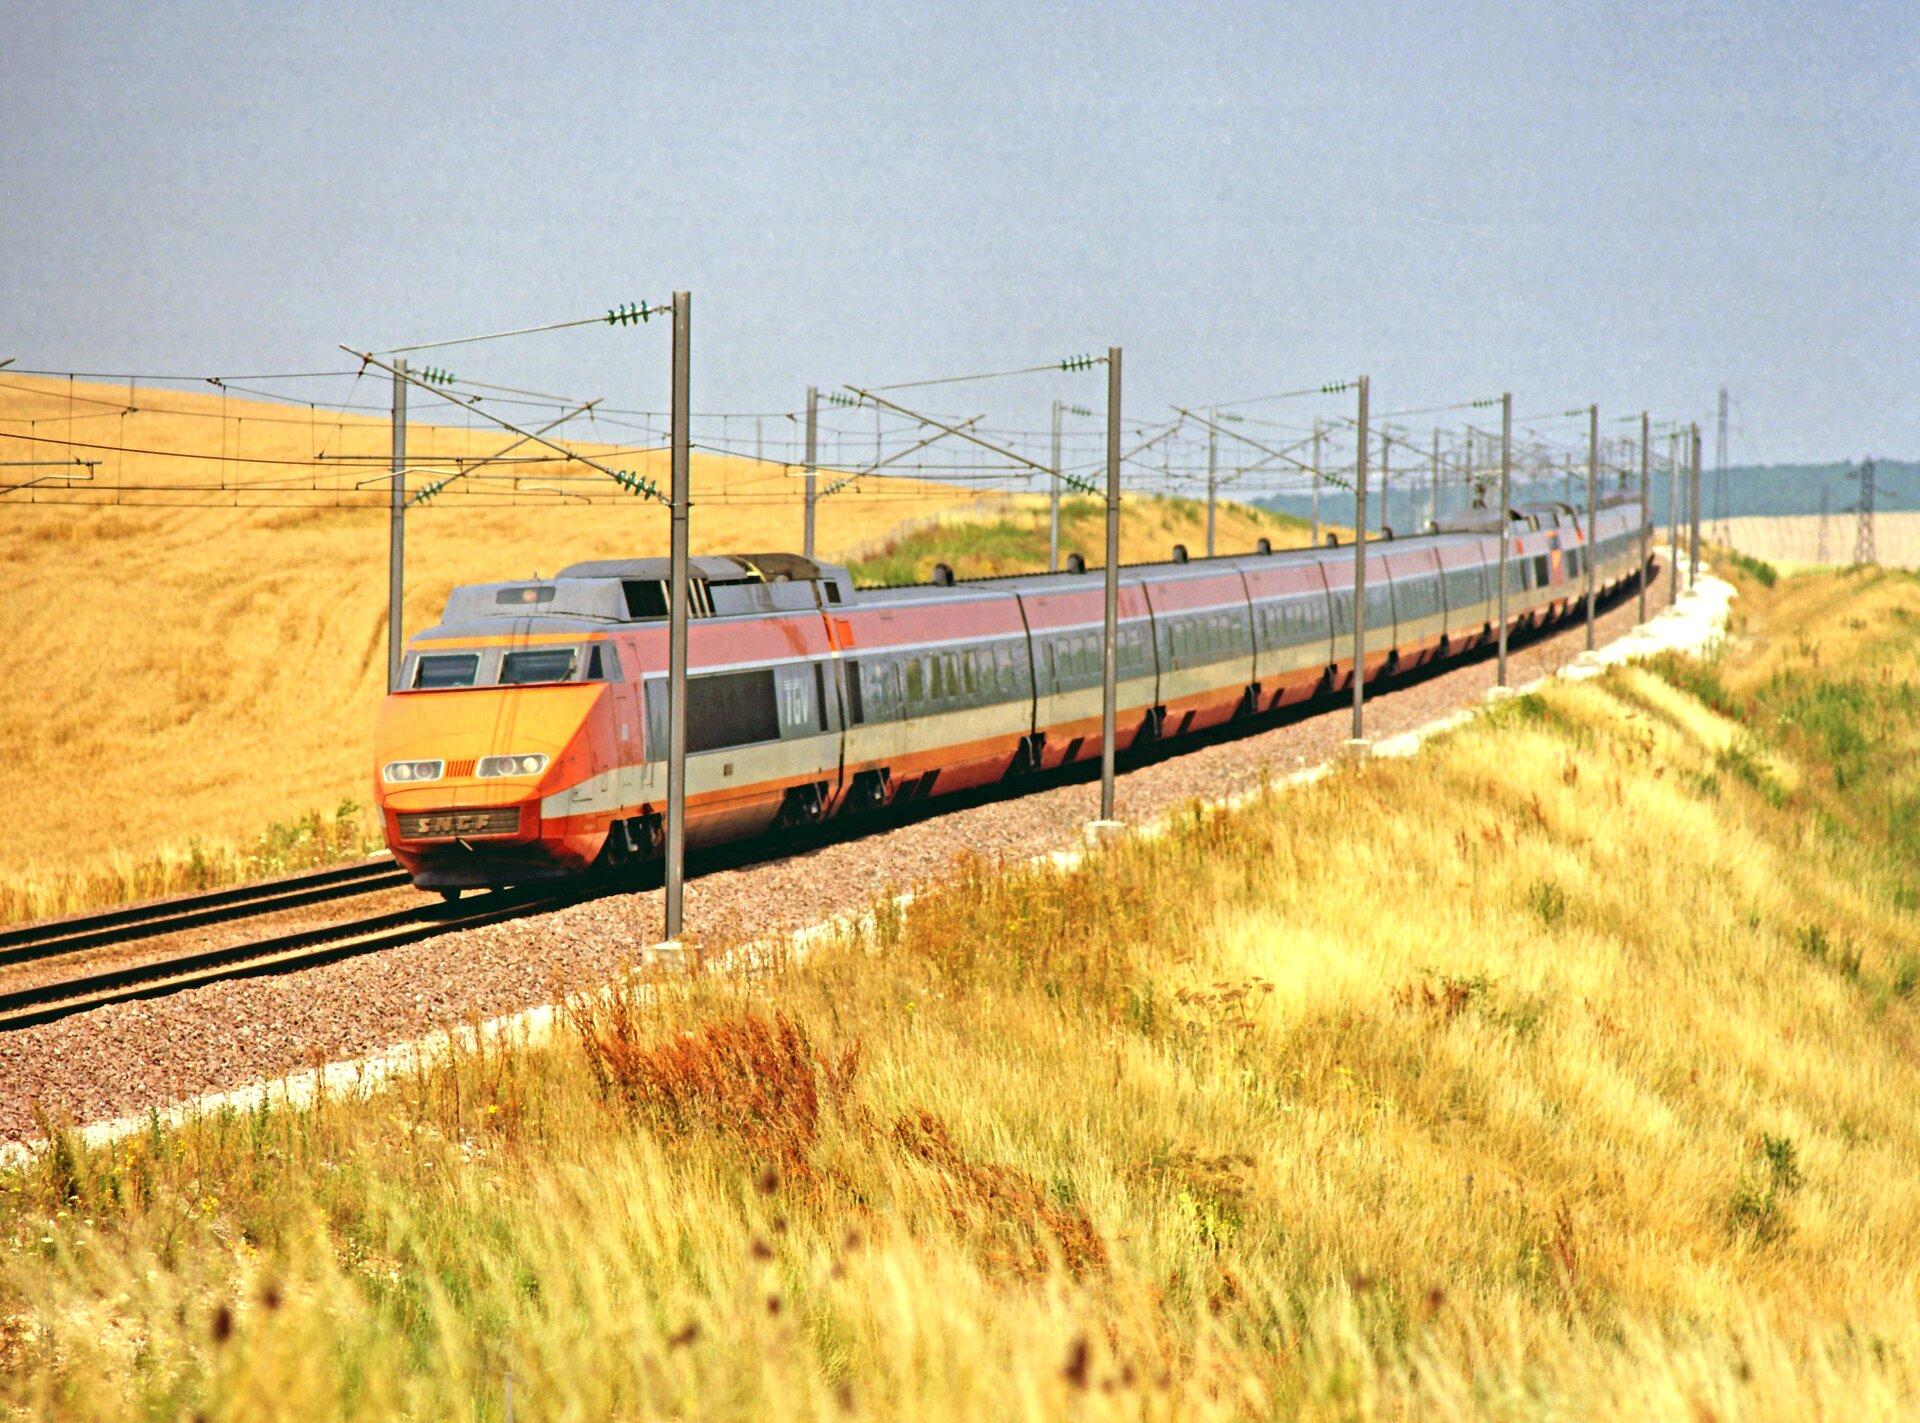 Zdjęcie przedstawia pociąg jadący po torach. Pociąg pomarańczowo-czerwony. Wtle błękitne niebo ipola uprawne. Pociąg zdaje się poruszać po łuku.